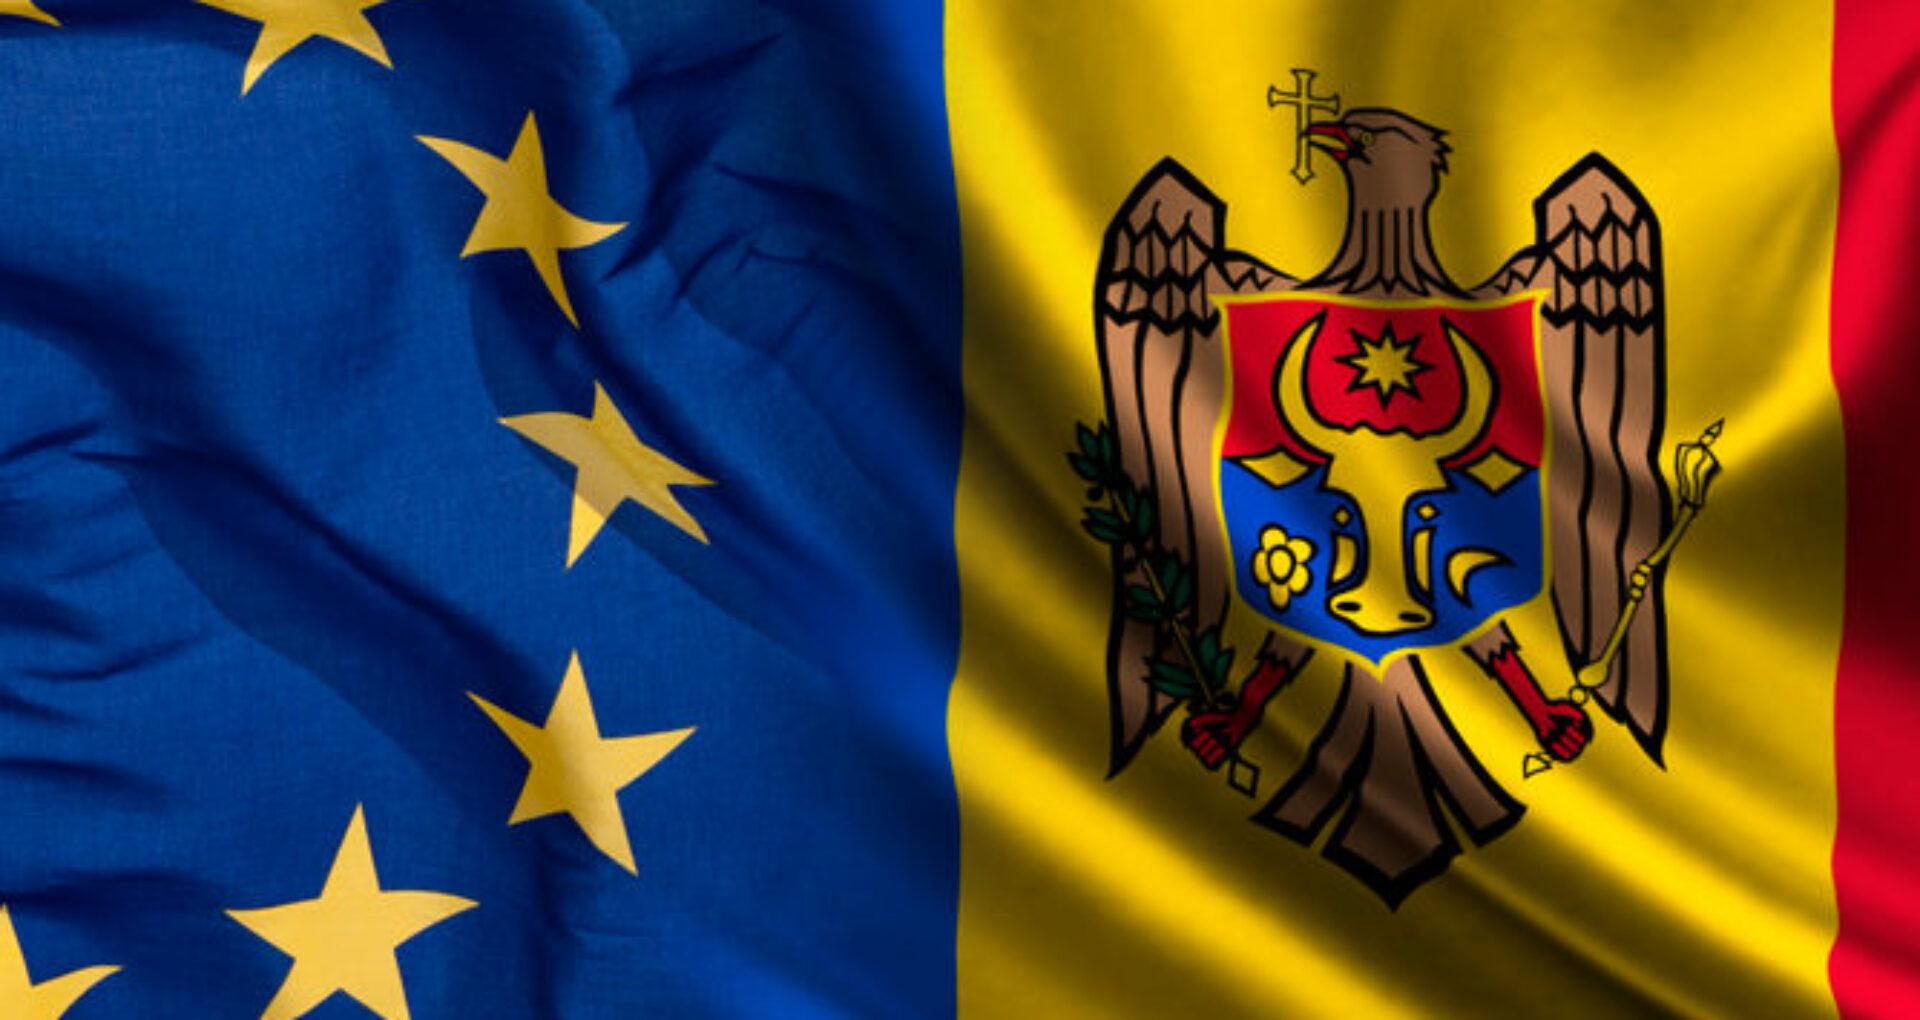 Raport alternativ: 5 ani de implementare a Acordului de Asociere UE-Moldova